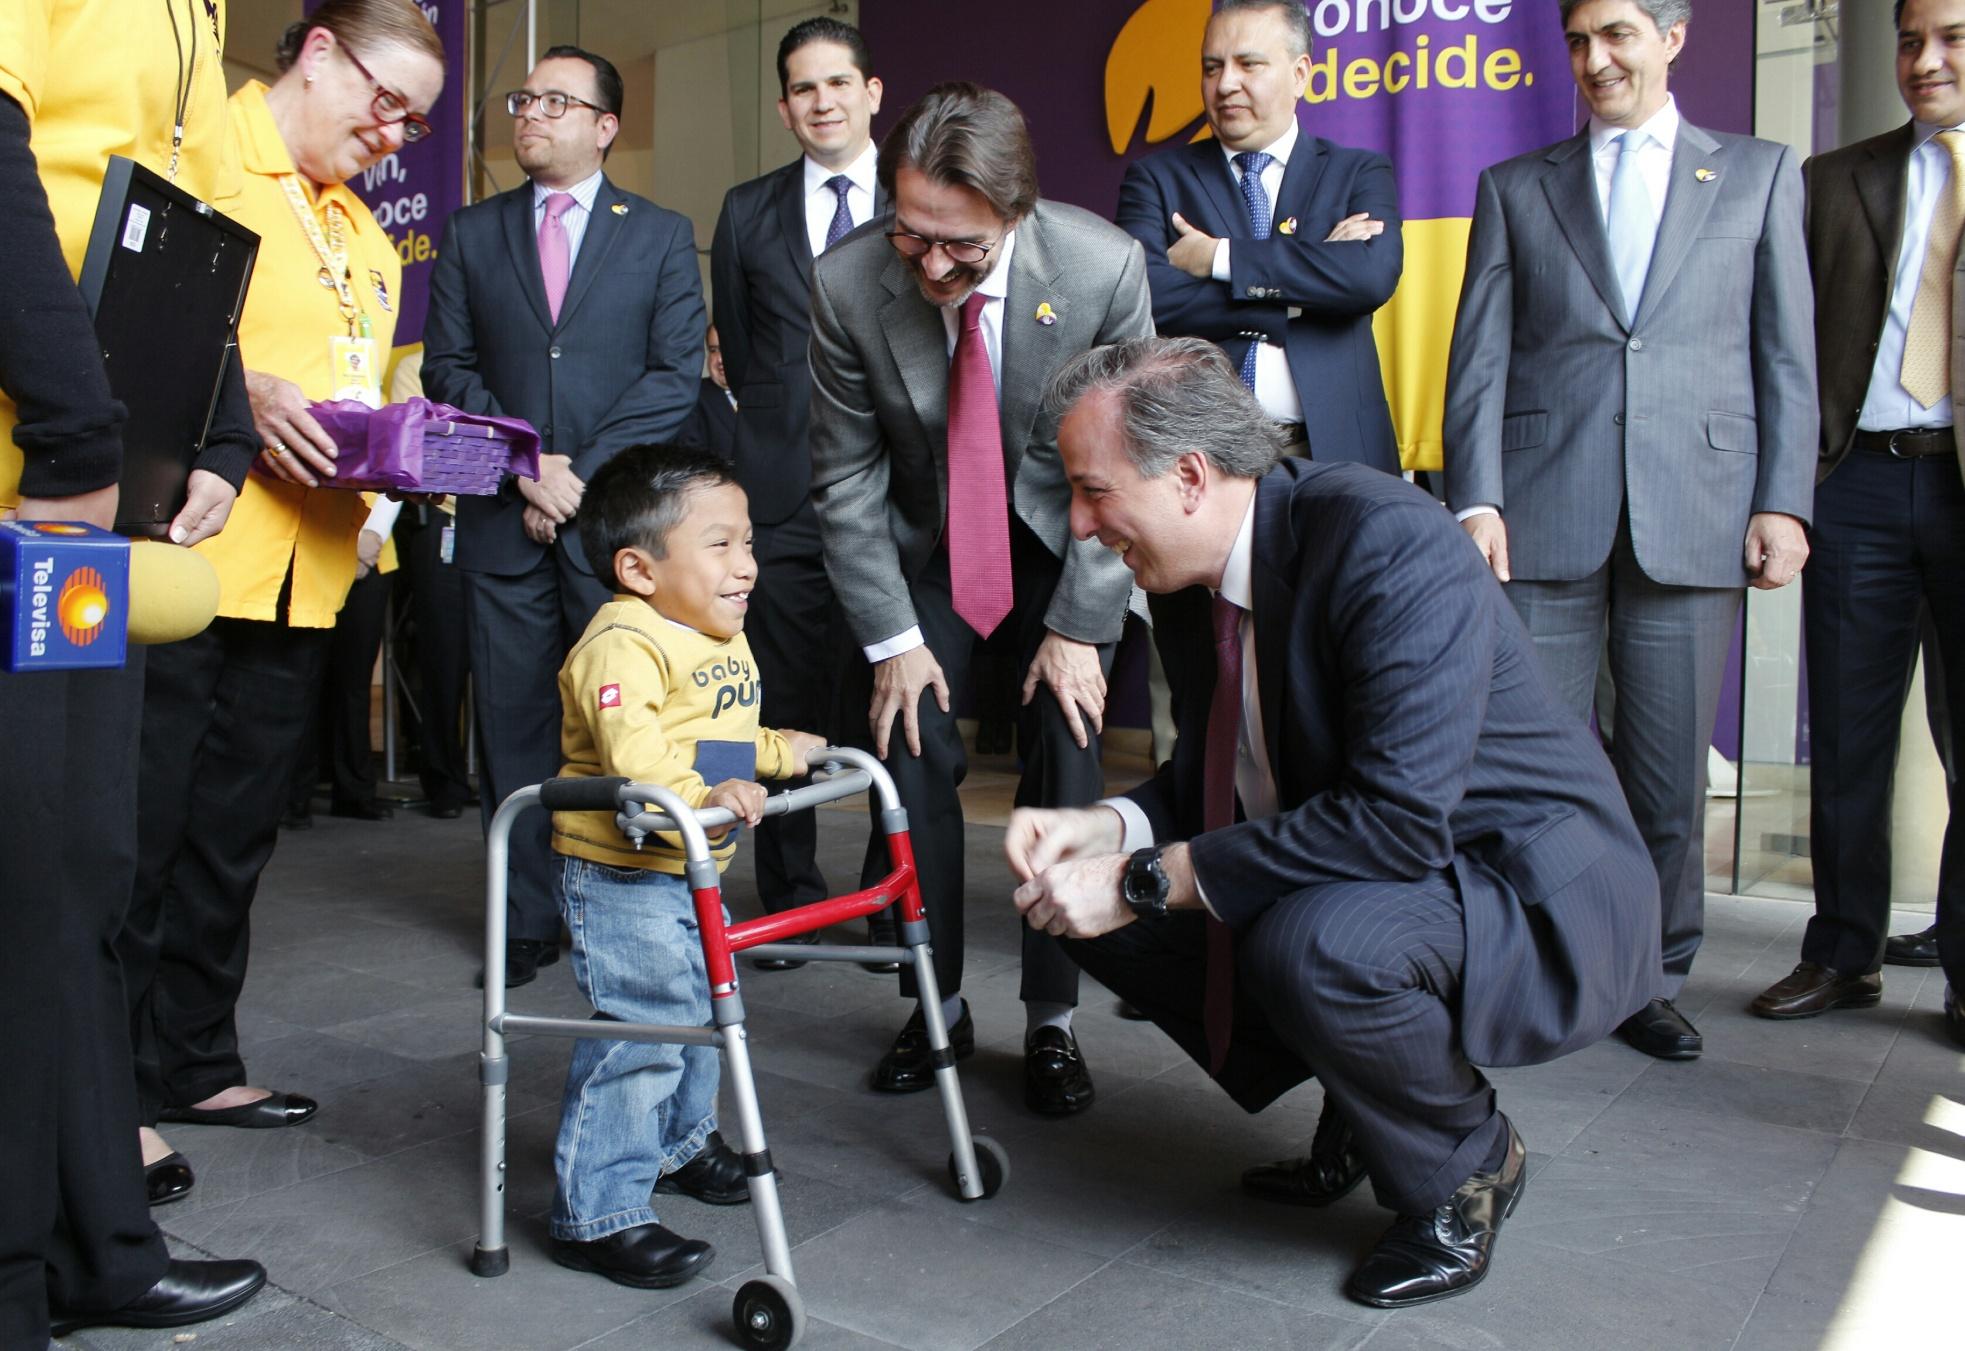 FOTO 1 Secretario Jos  Antonio Meade en el marco de la firma del Convenio Sedesol Fundaci n Telet n por un M xico sin Pobreza.jpg